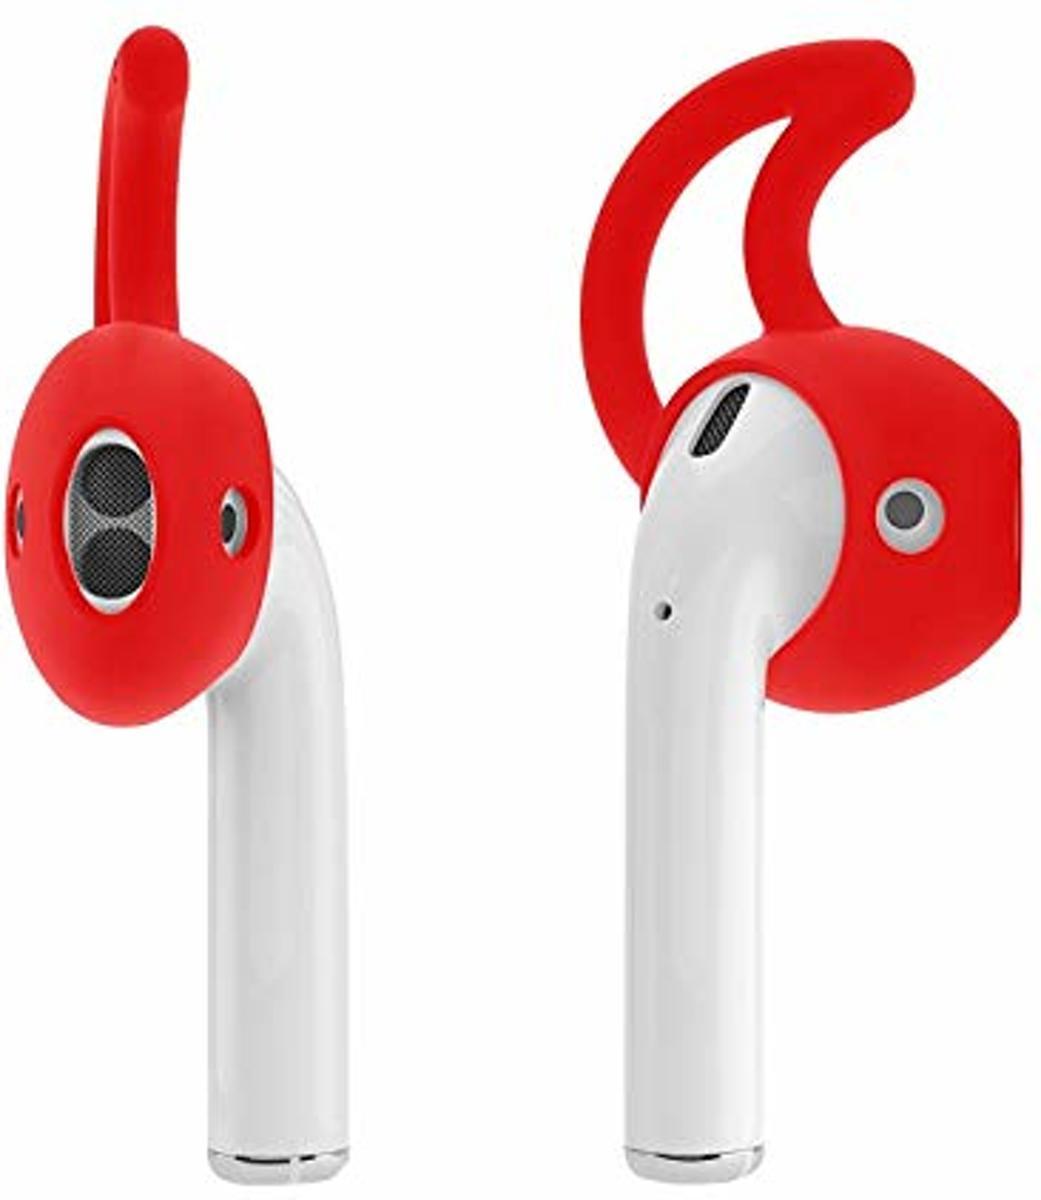 Anti-slip siliconen earhooks - earhooks - oorhaken - oordopjes - geschikt voor airpods - rood kopen